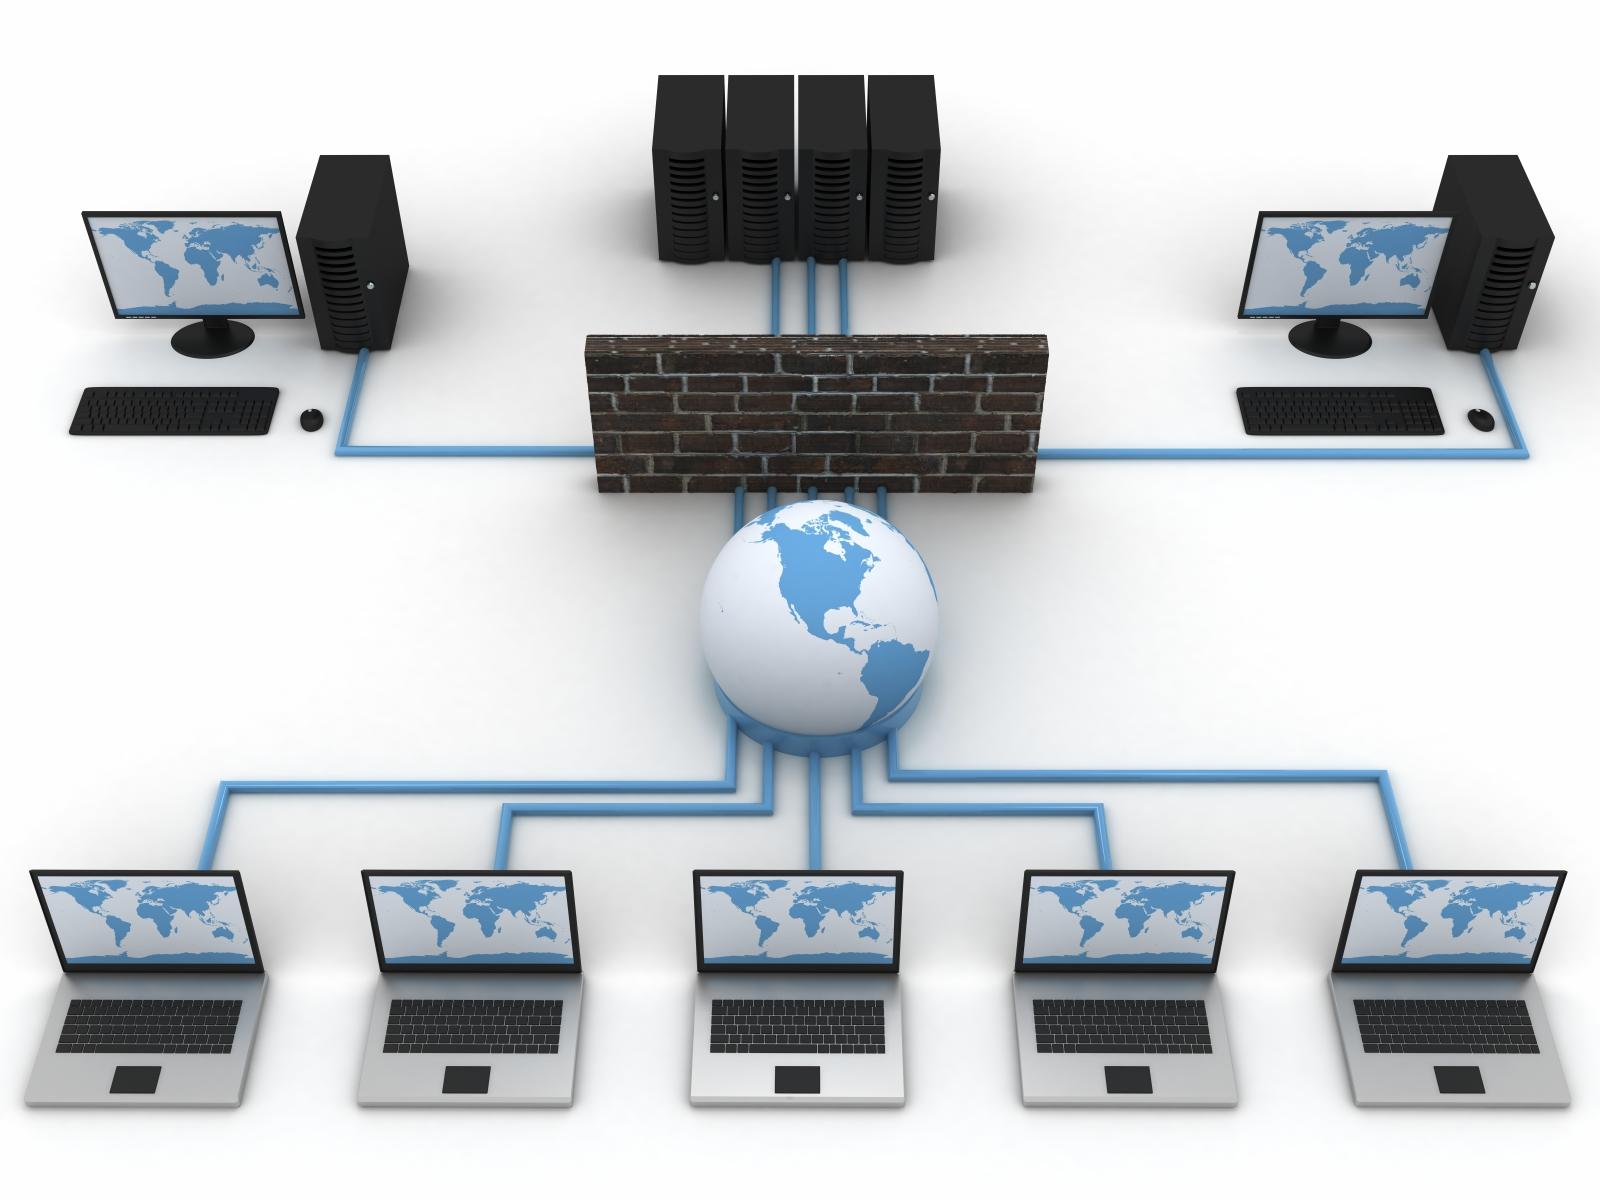 Gunakan firewall dan Antivirus untuk Melindungi Komputer Anda via protegent360.com